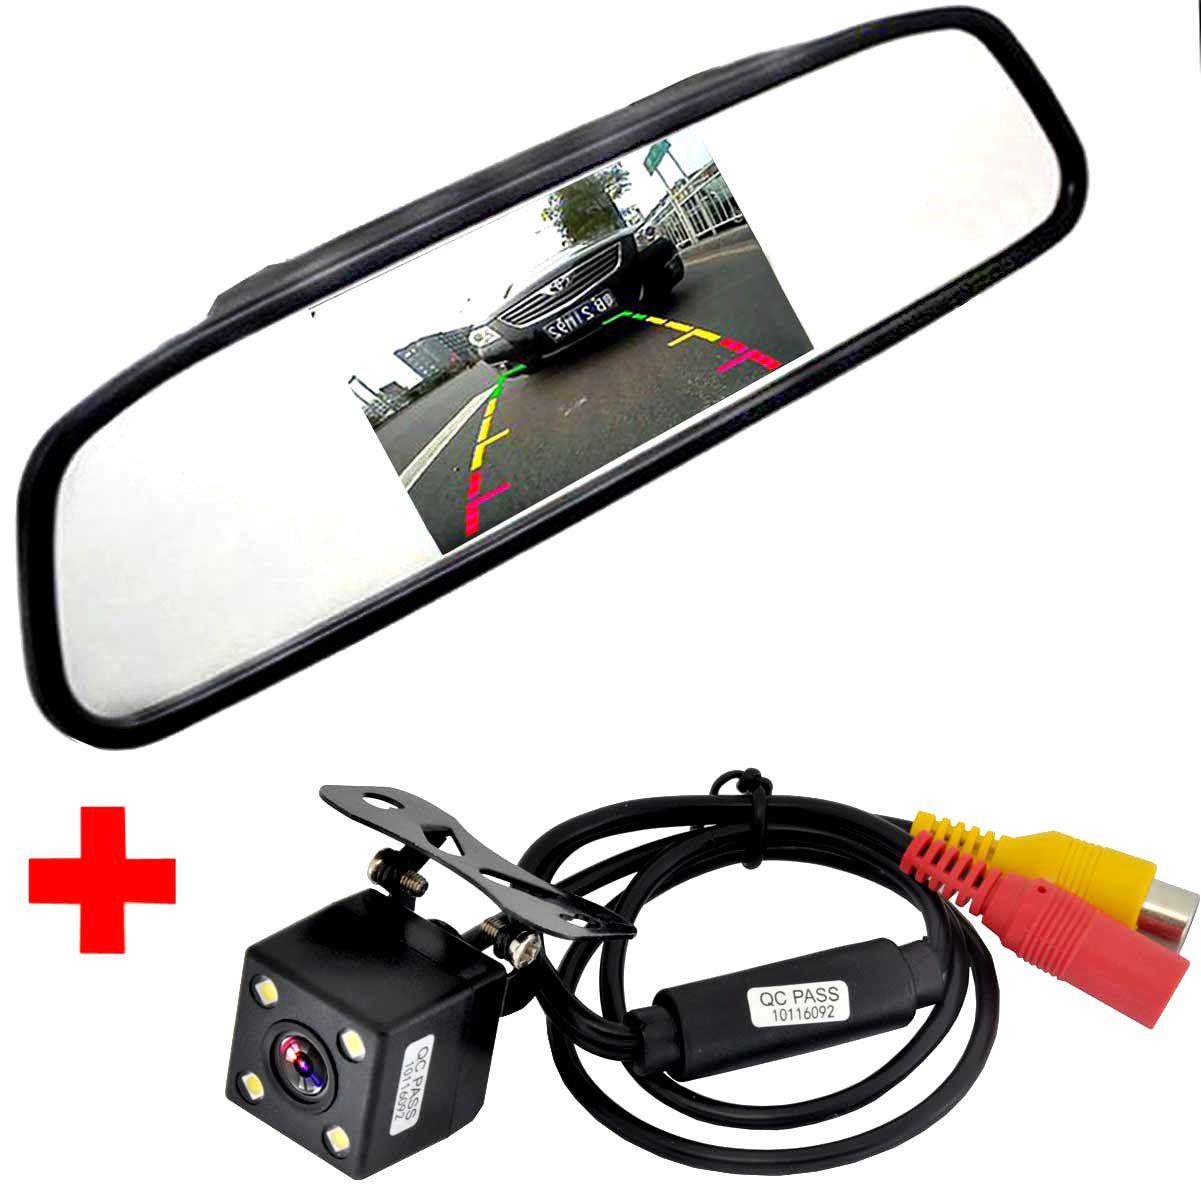 Moniteur automatique visuel de stationnement de voiture de HD, Vision nocturne de LED inversant la caméra de vue arrière de voiture de CCD avec le moniteur de rétroviseur de voiture de 4.3 pouces